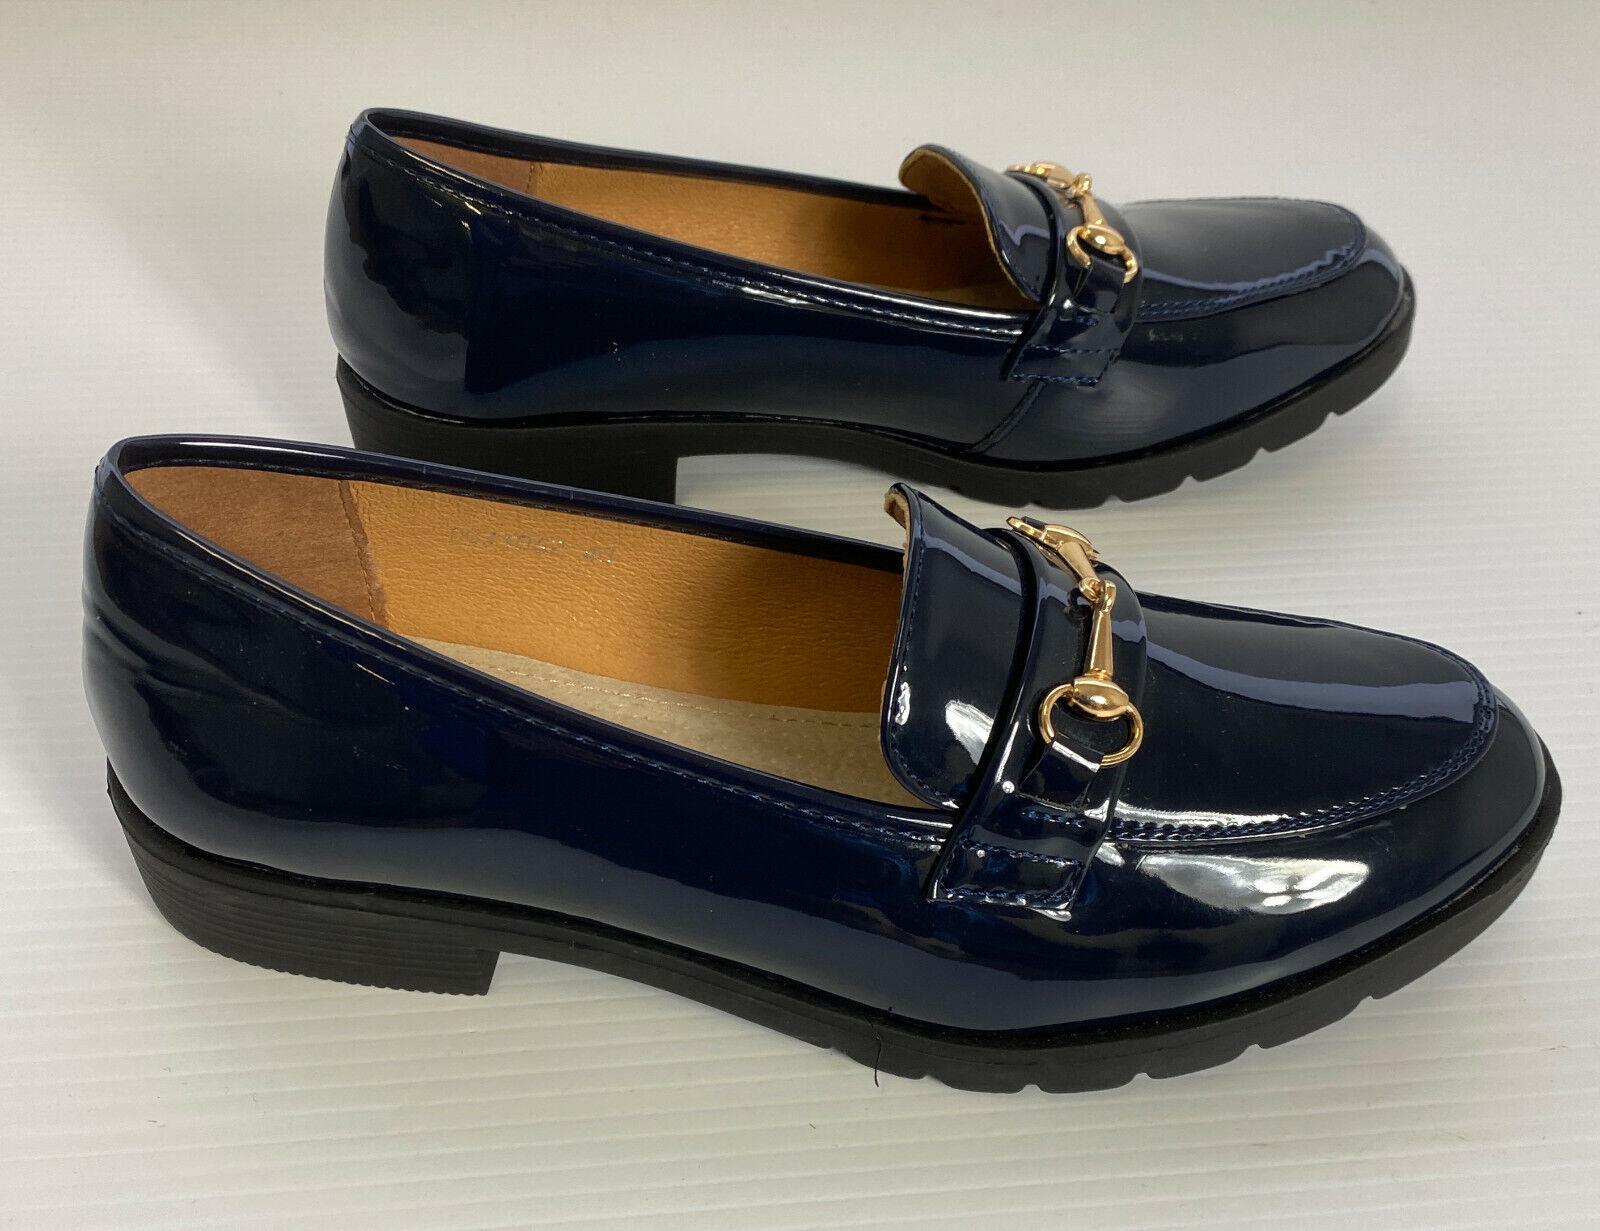 Ladies Black Patient Leather Shoes by La Bottine Souriante Size 7 UK EU 40